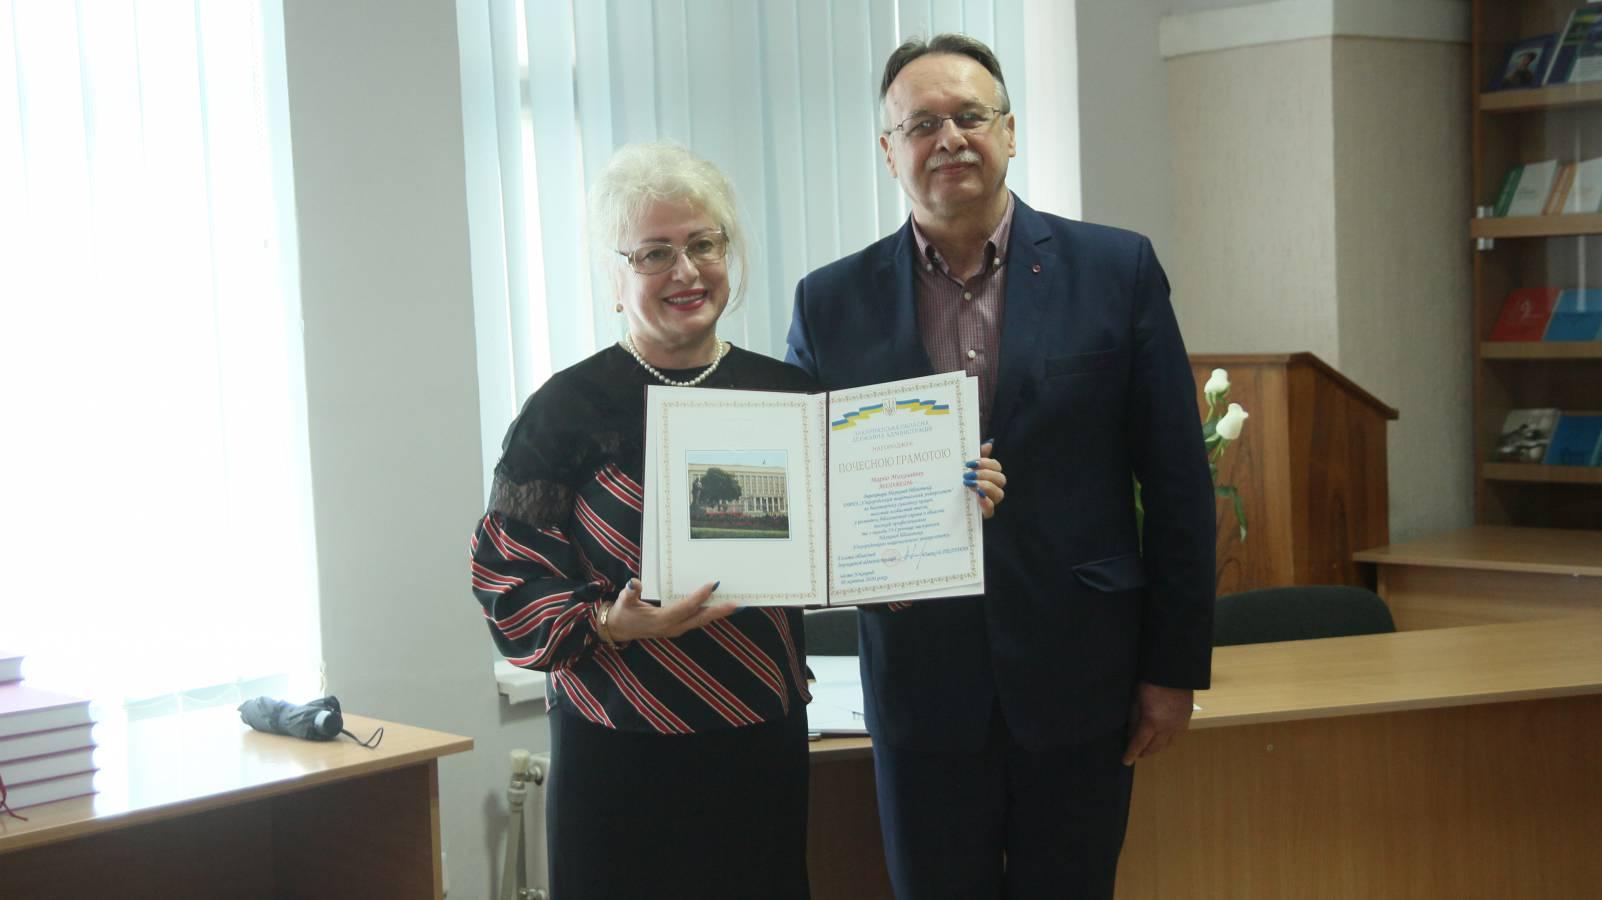 75 років в одній книзі: колектив Наукової бібліотеки УжНУ презентував монографію про історію свого підрозділу